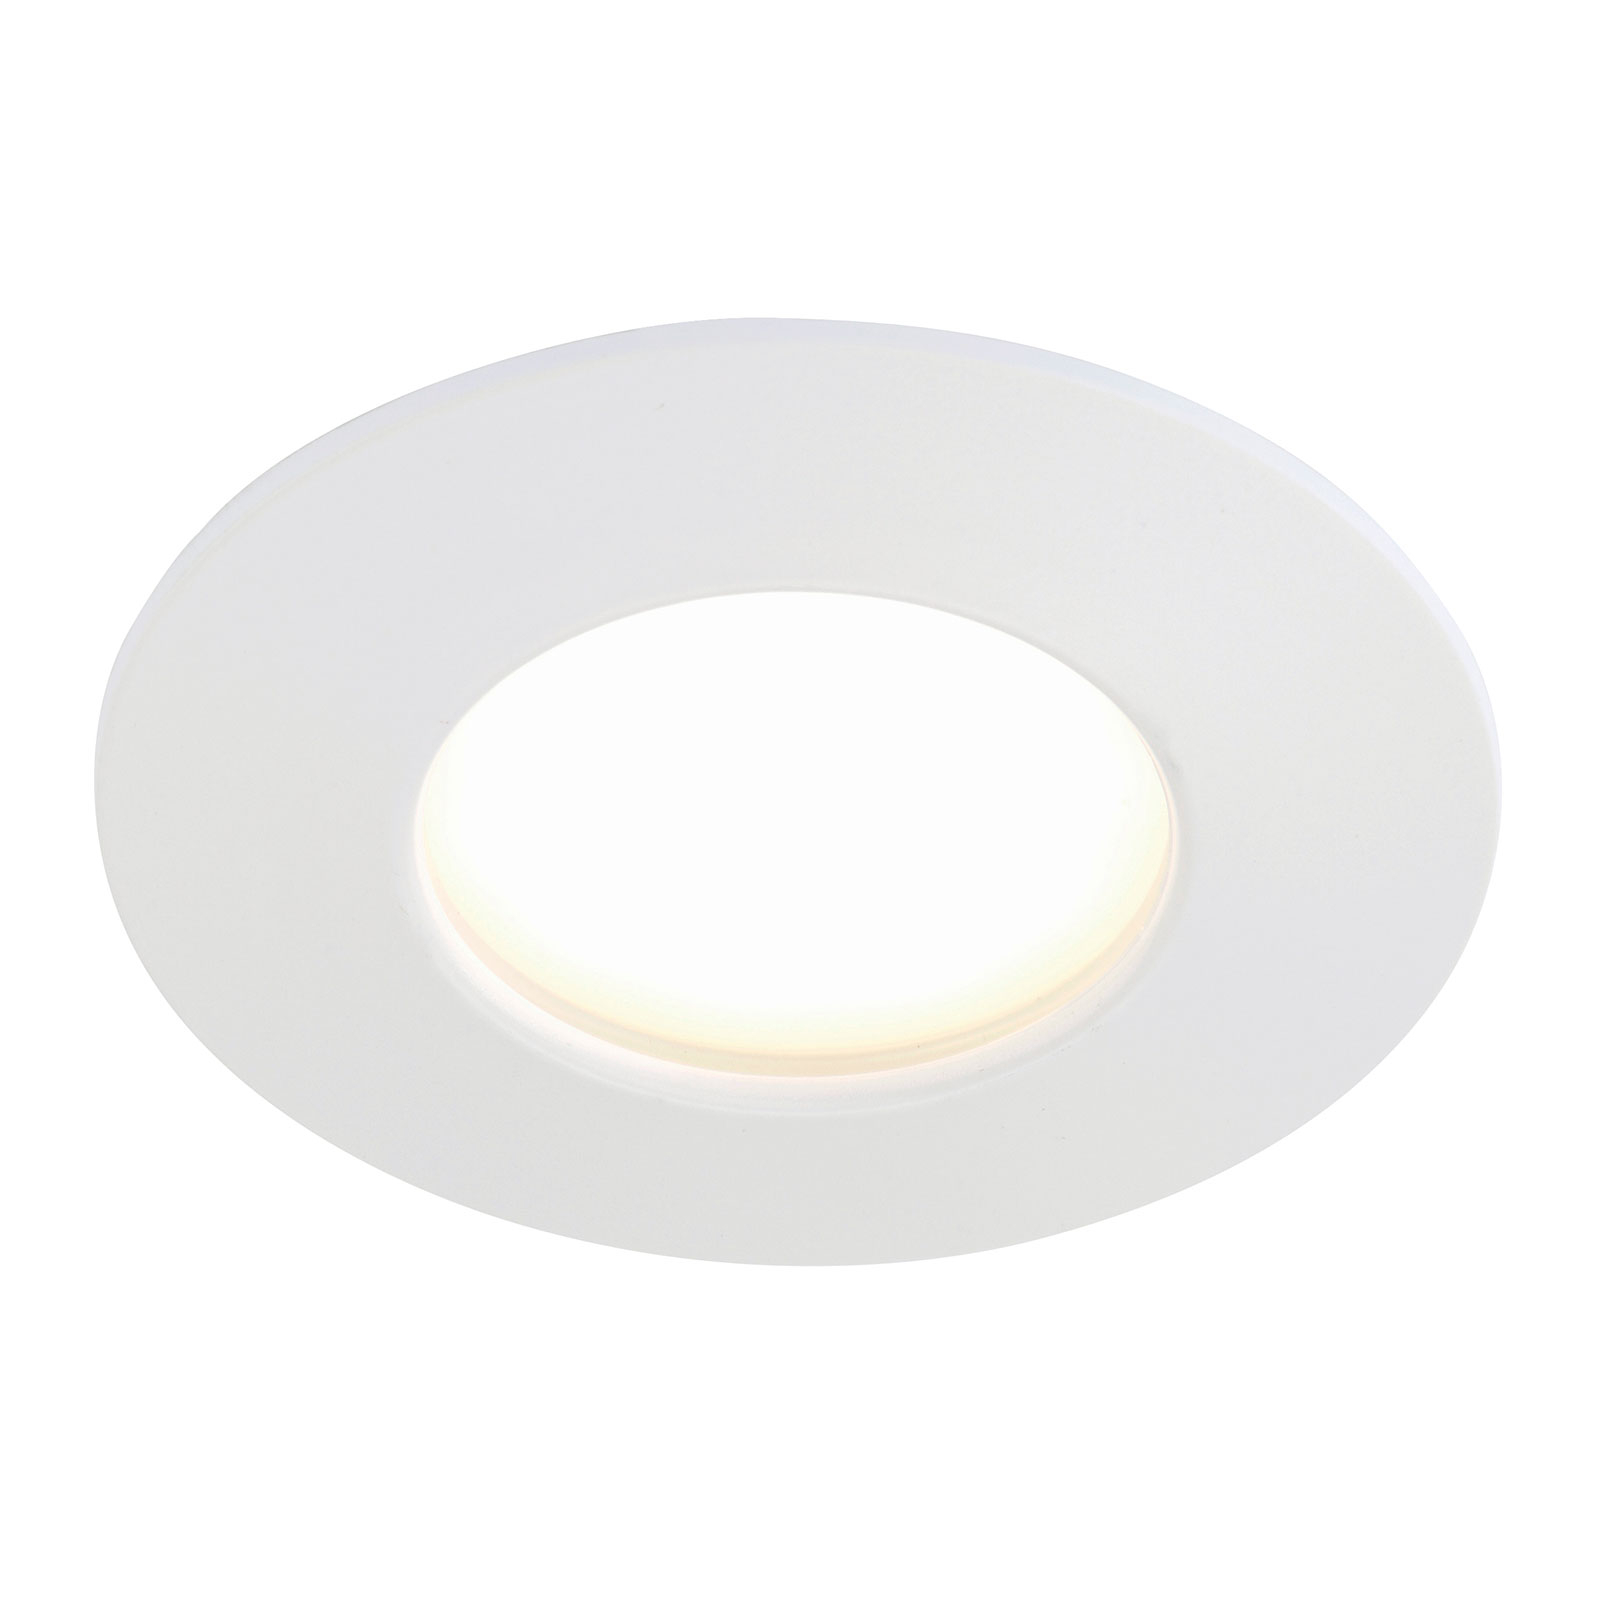 Bílé LED podhledové svítidlo Felia, IP44